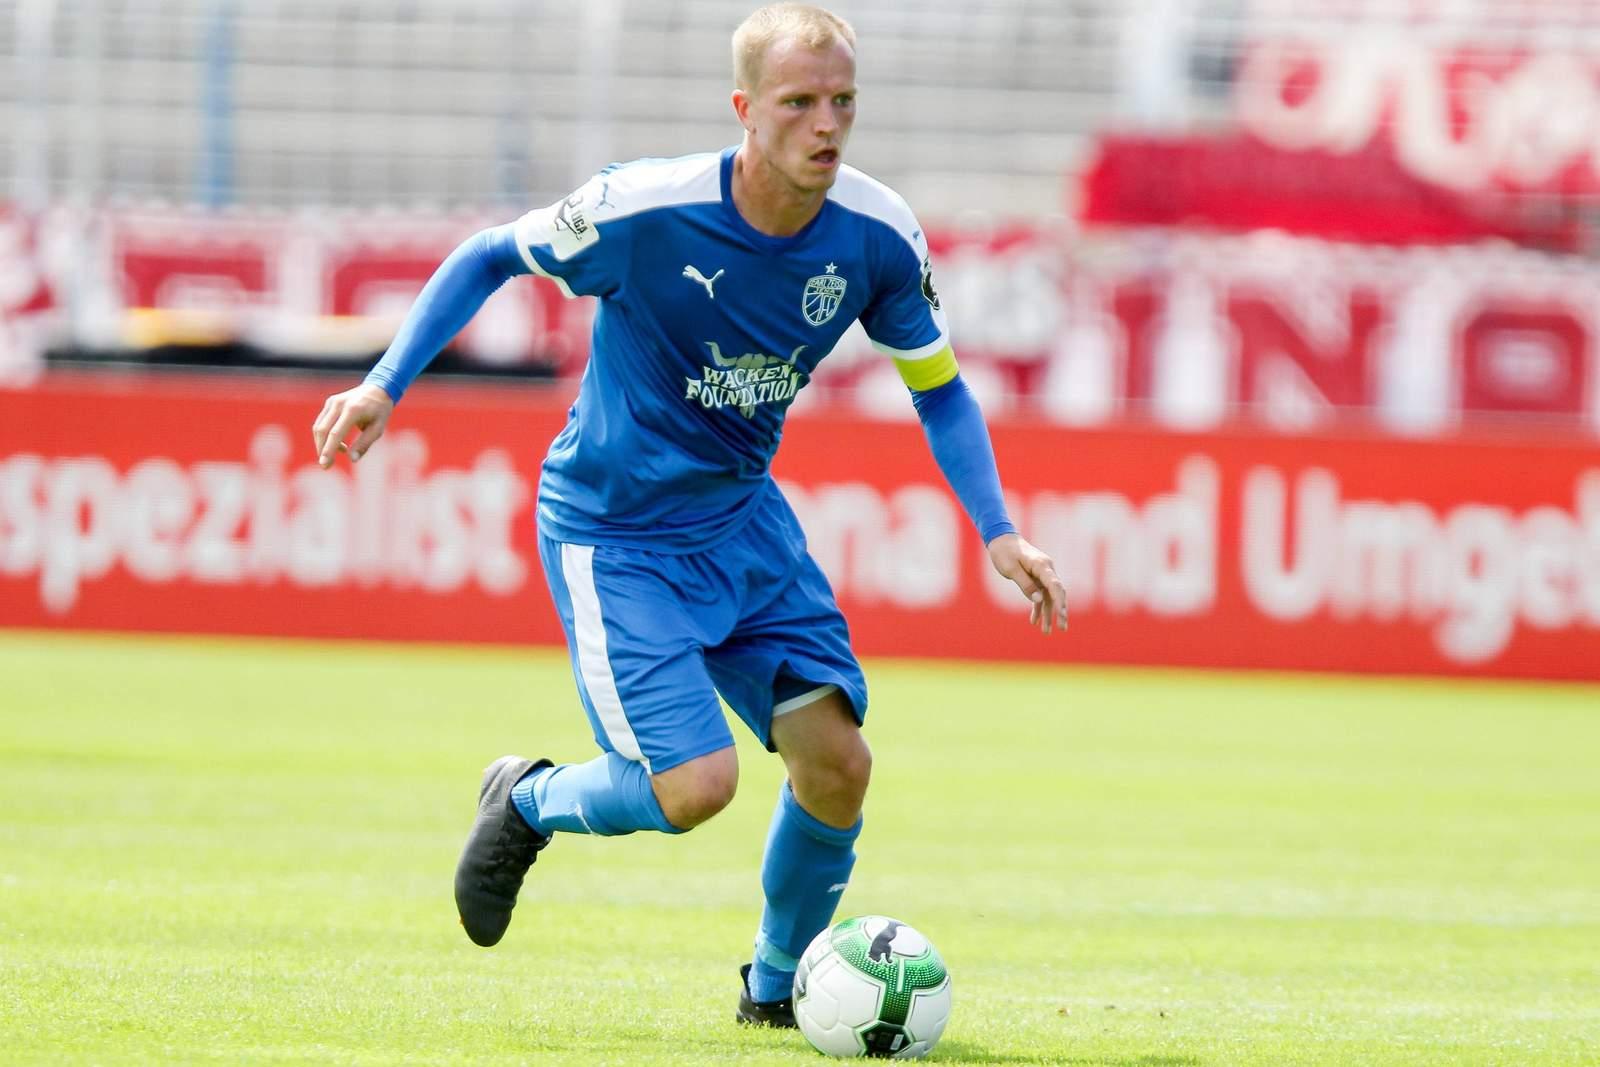 René Eckardt am Ball für den FC Carl Zeiss Jena. Jetzt auf die Partie Jena gegen Meppen wetten